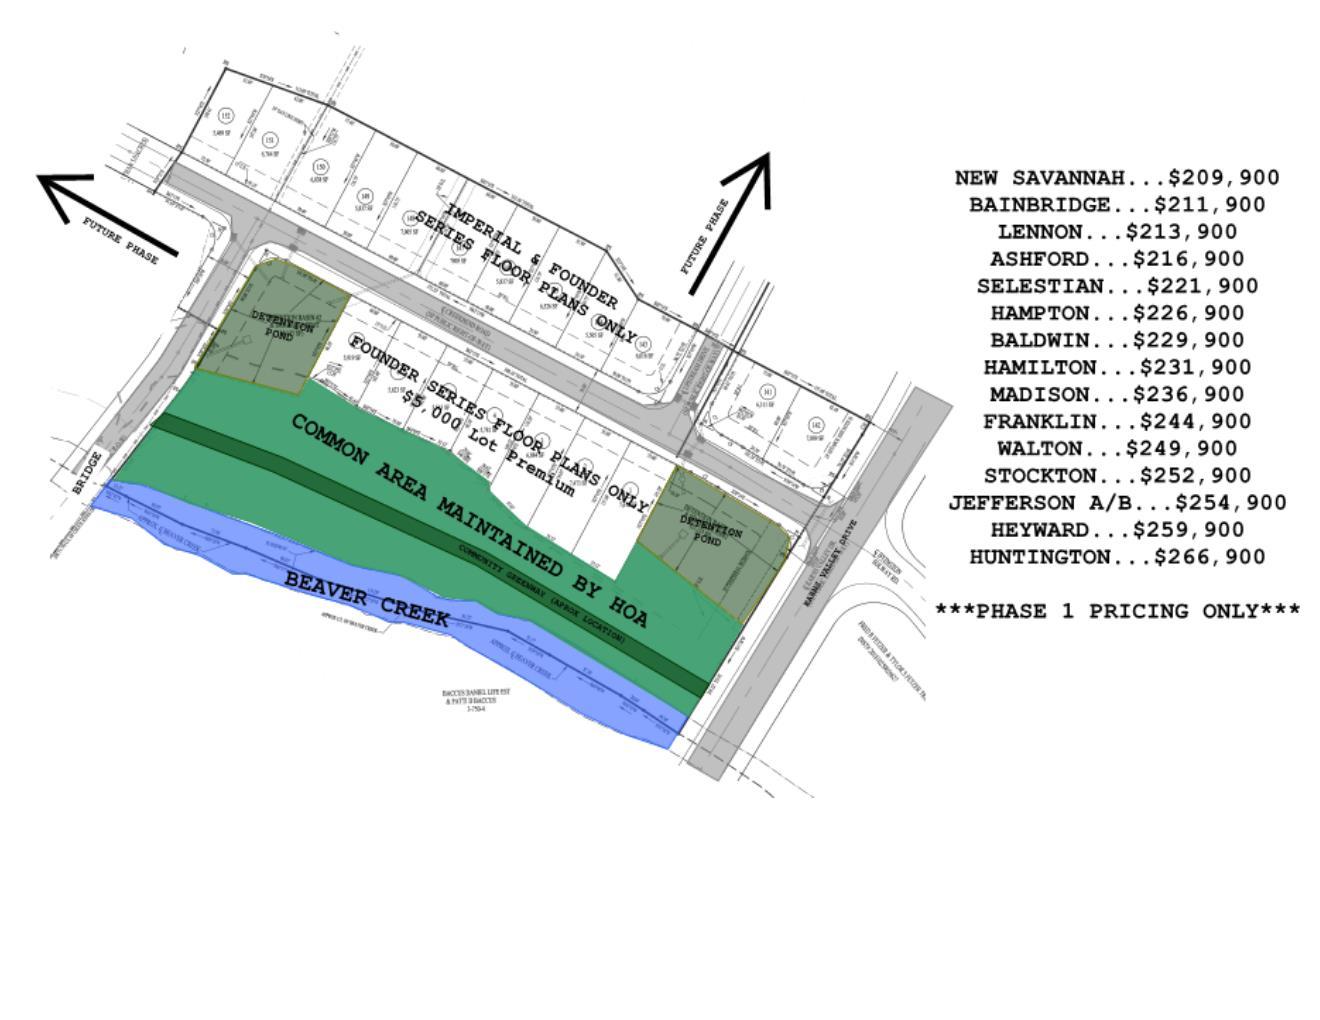 Creek Bend Farms Phase 1 Map